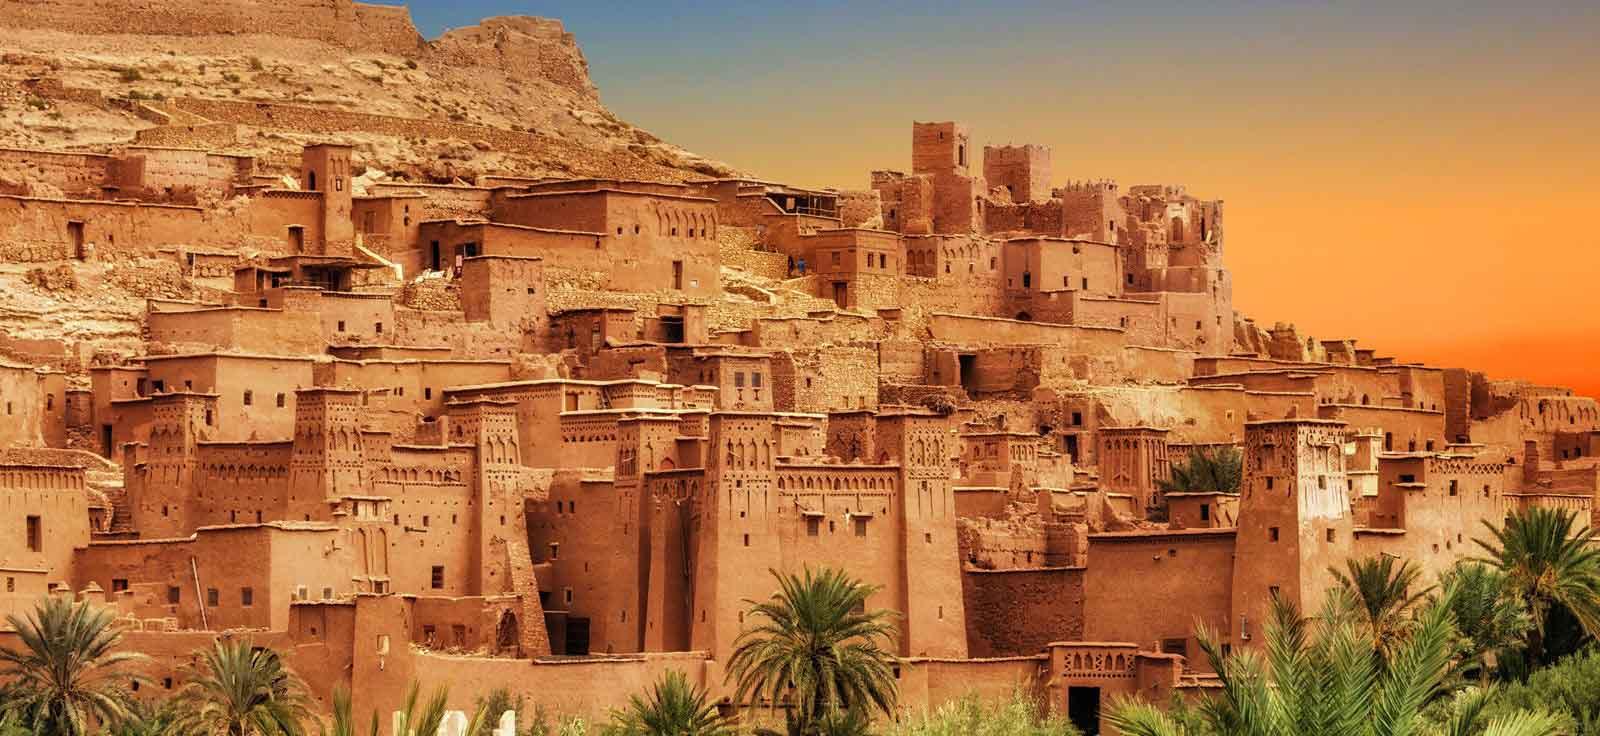 Vuelos ida y vuelta Madrid a Marruecos 16€